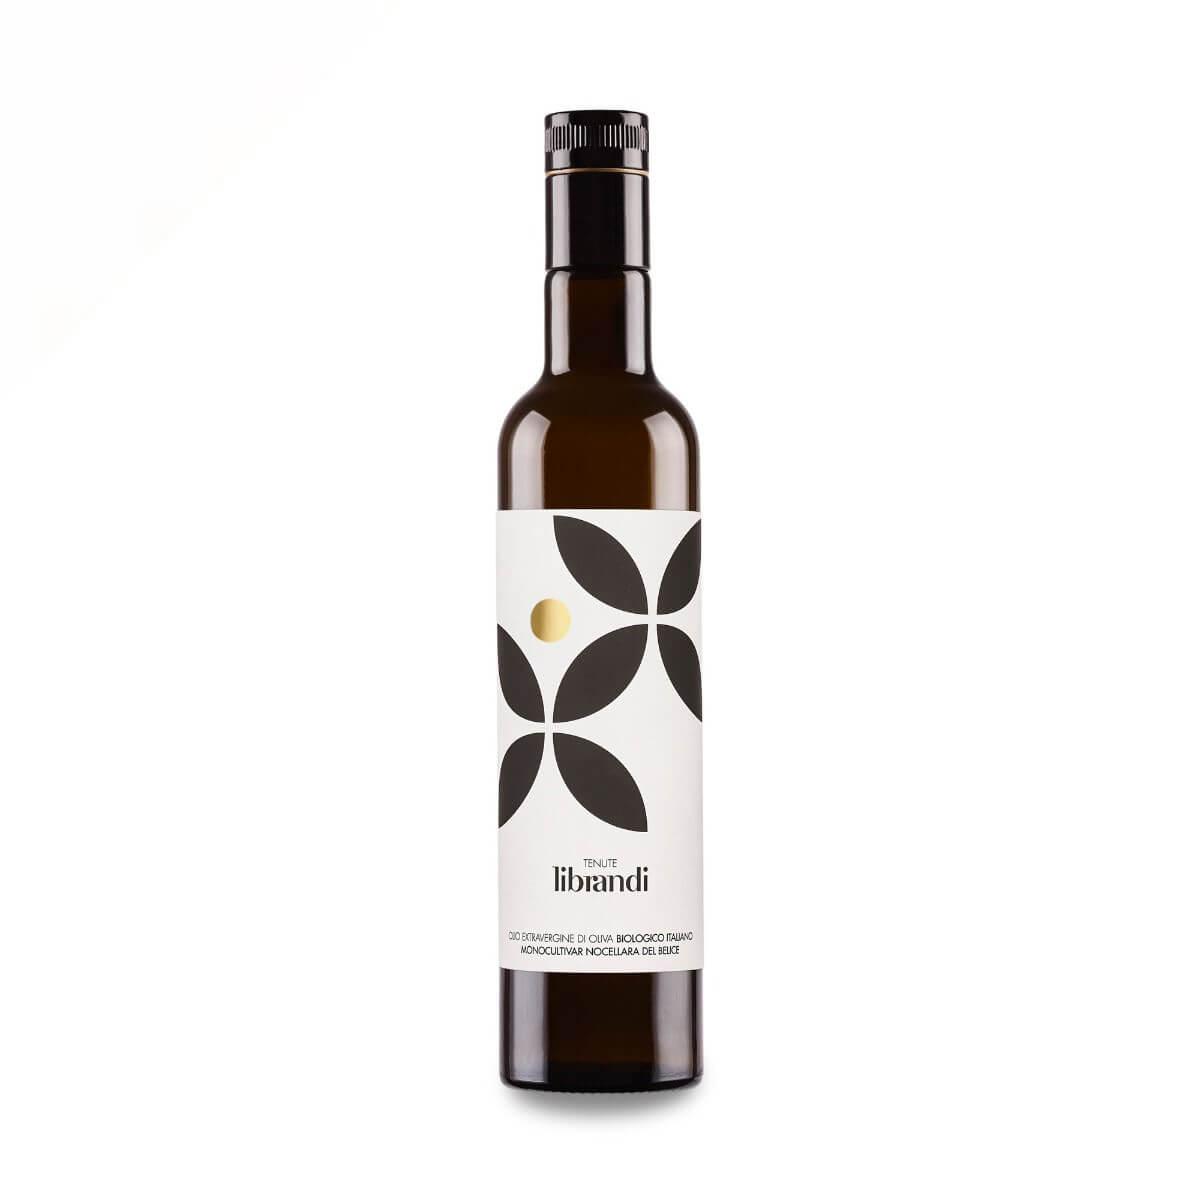 Olio extravergine di oliva Nocellara del Belice